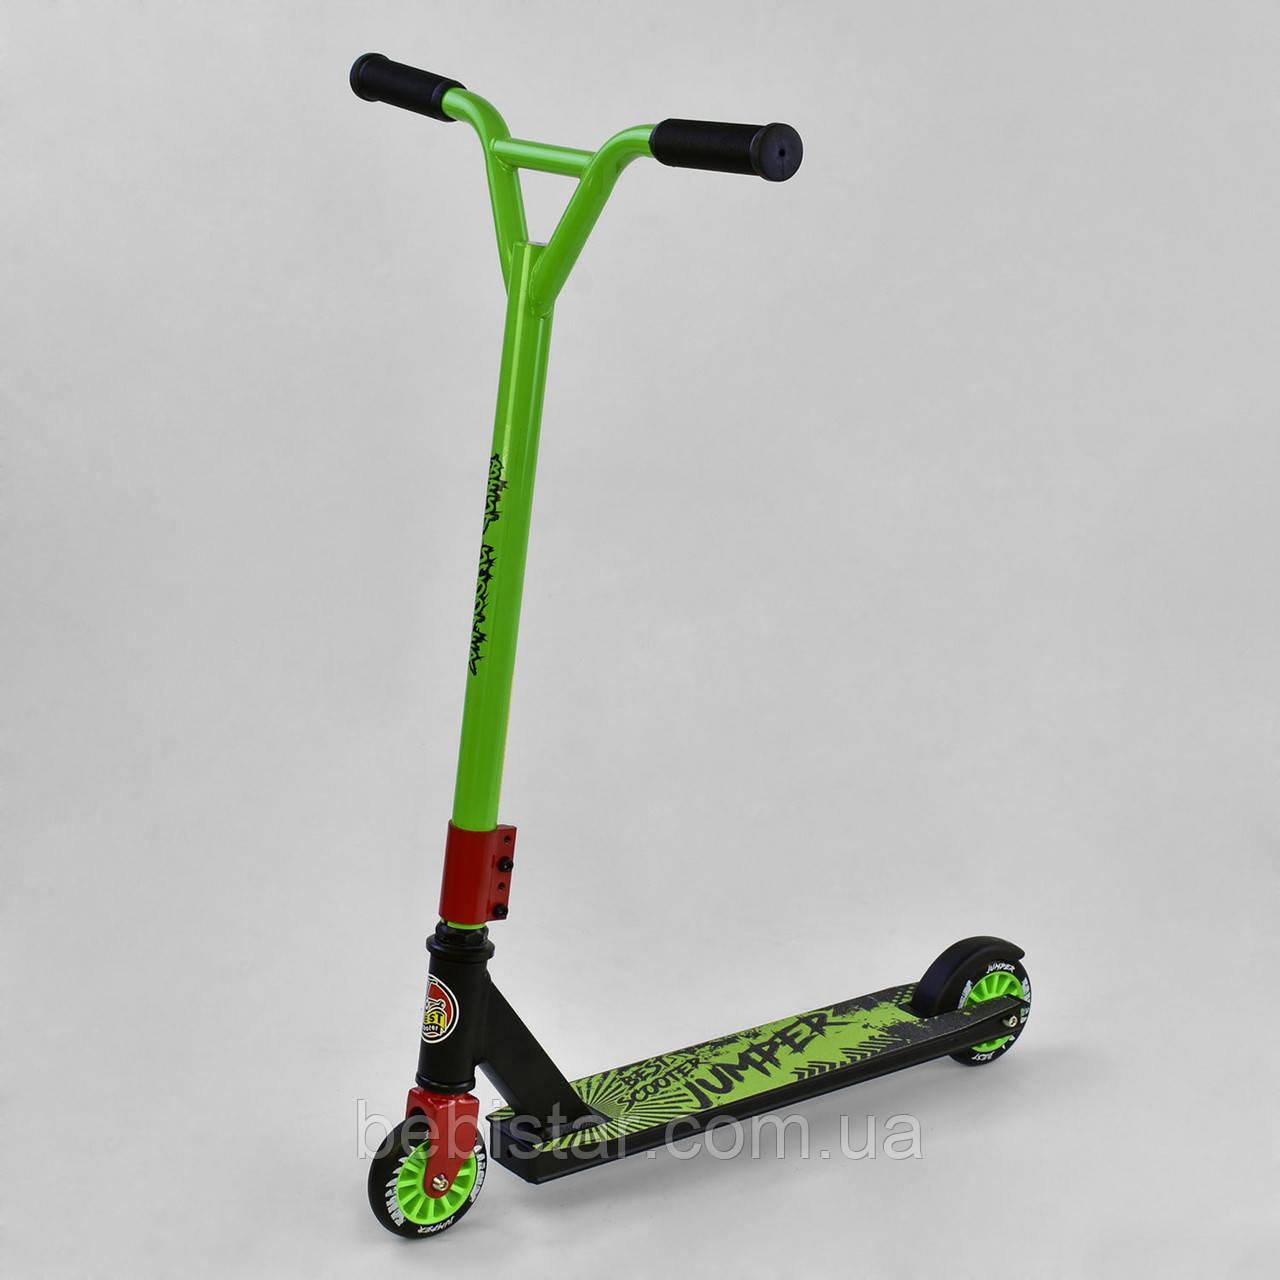 Самокат трюковый Best Scooter зеленый, пластиковый диск колеса, колесо полиуретан, нагрузка 80 кг